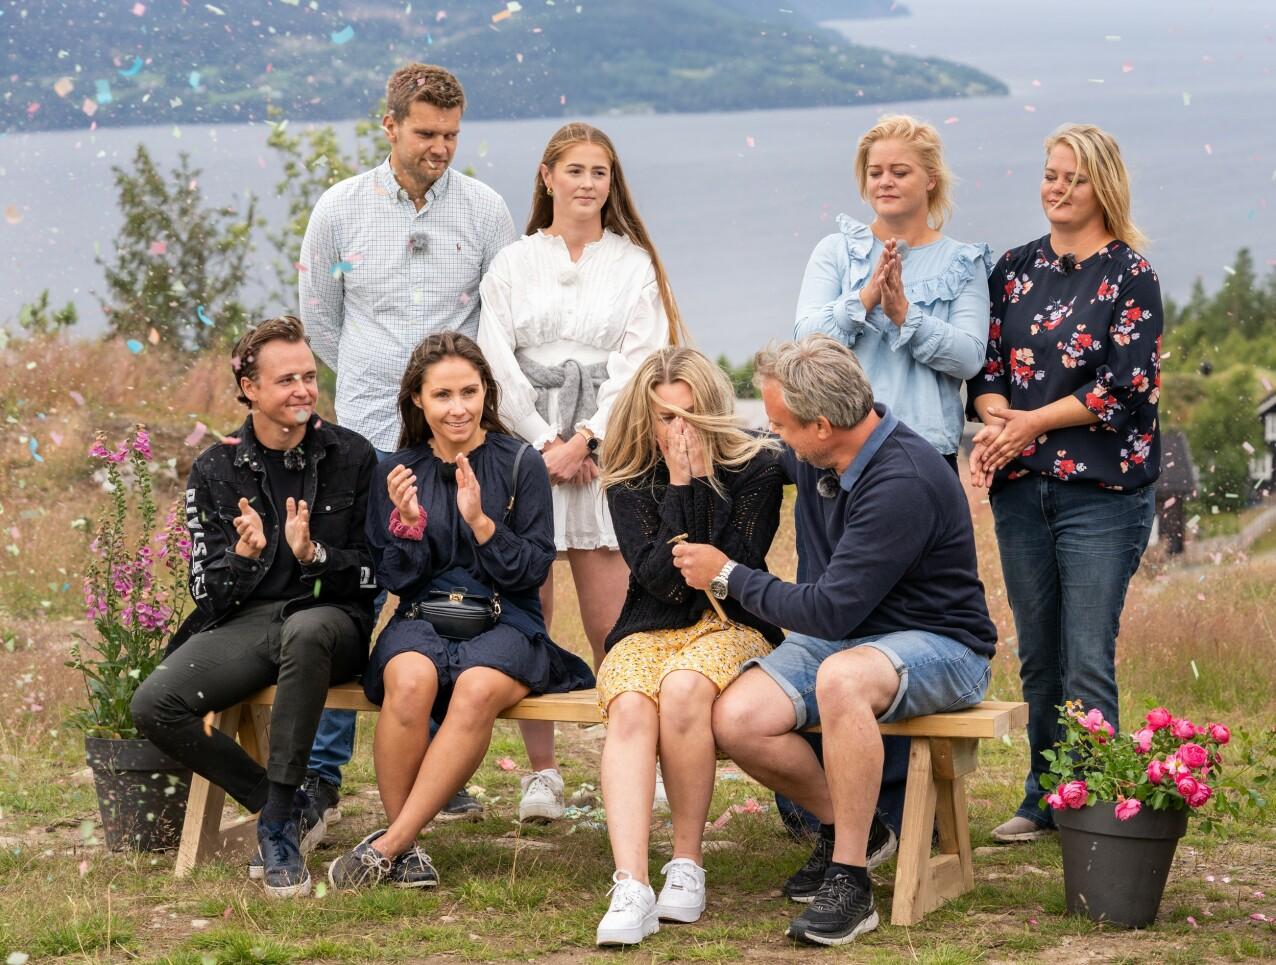 FINALEN: Det var far og datter Kurt og Veronica som stakk av med Sommerhytta-seieren. Kjæresteparet Jone og Anna øverst til venstre kom på en bitter andreplass. FOTO: Espen Solli // TV2